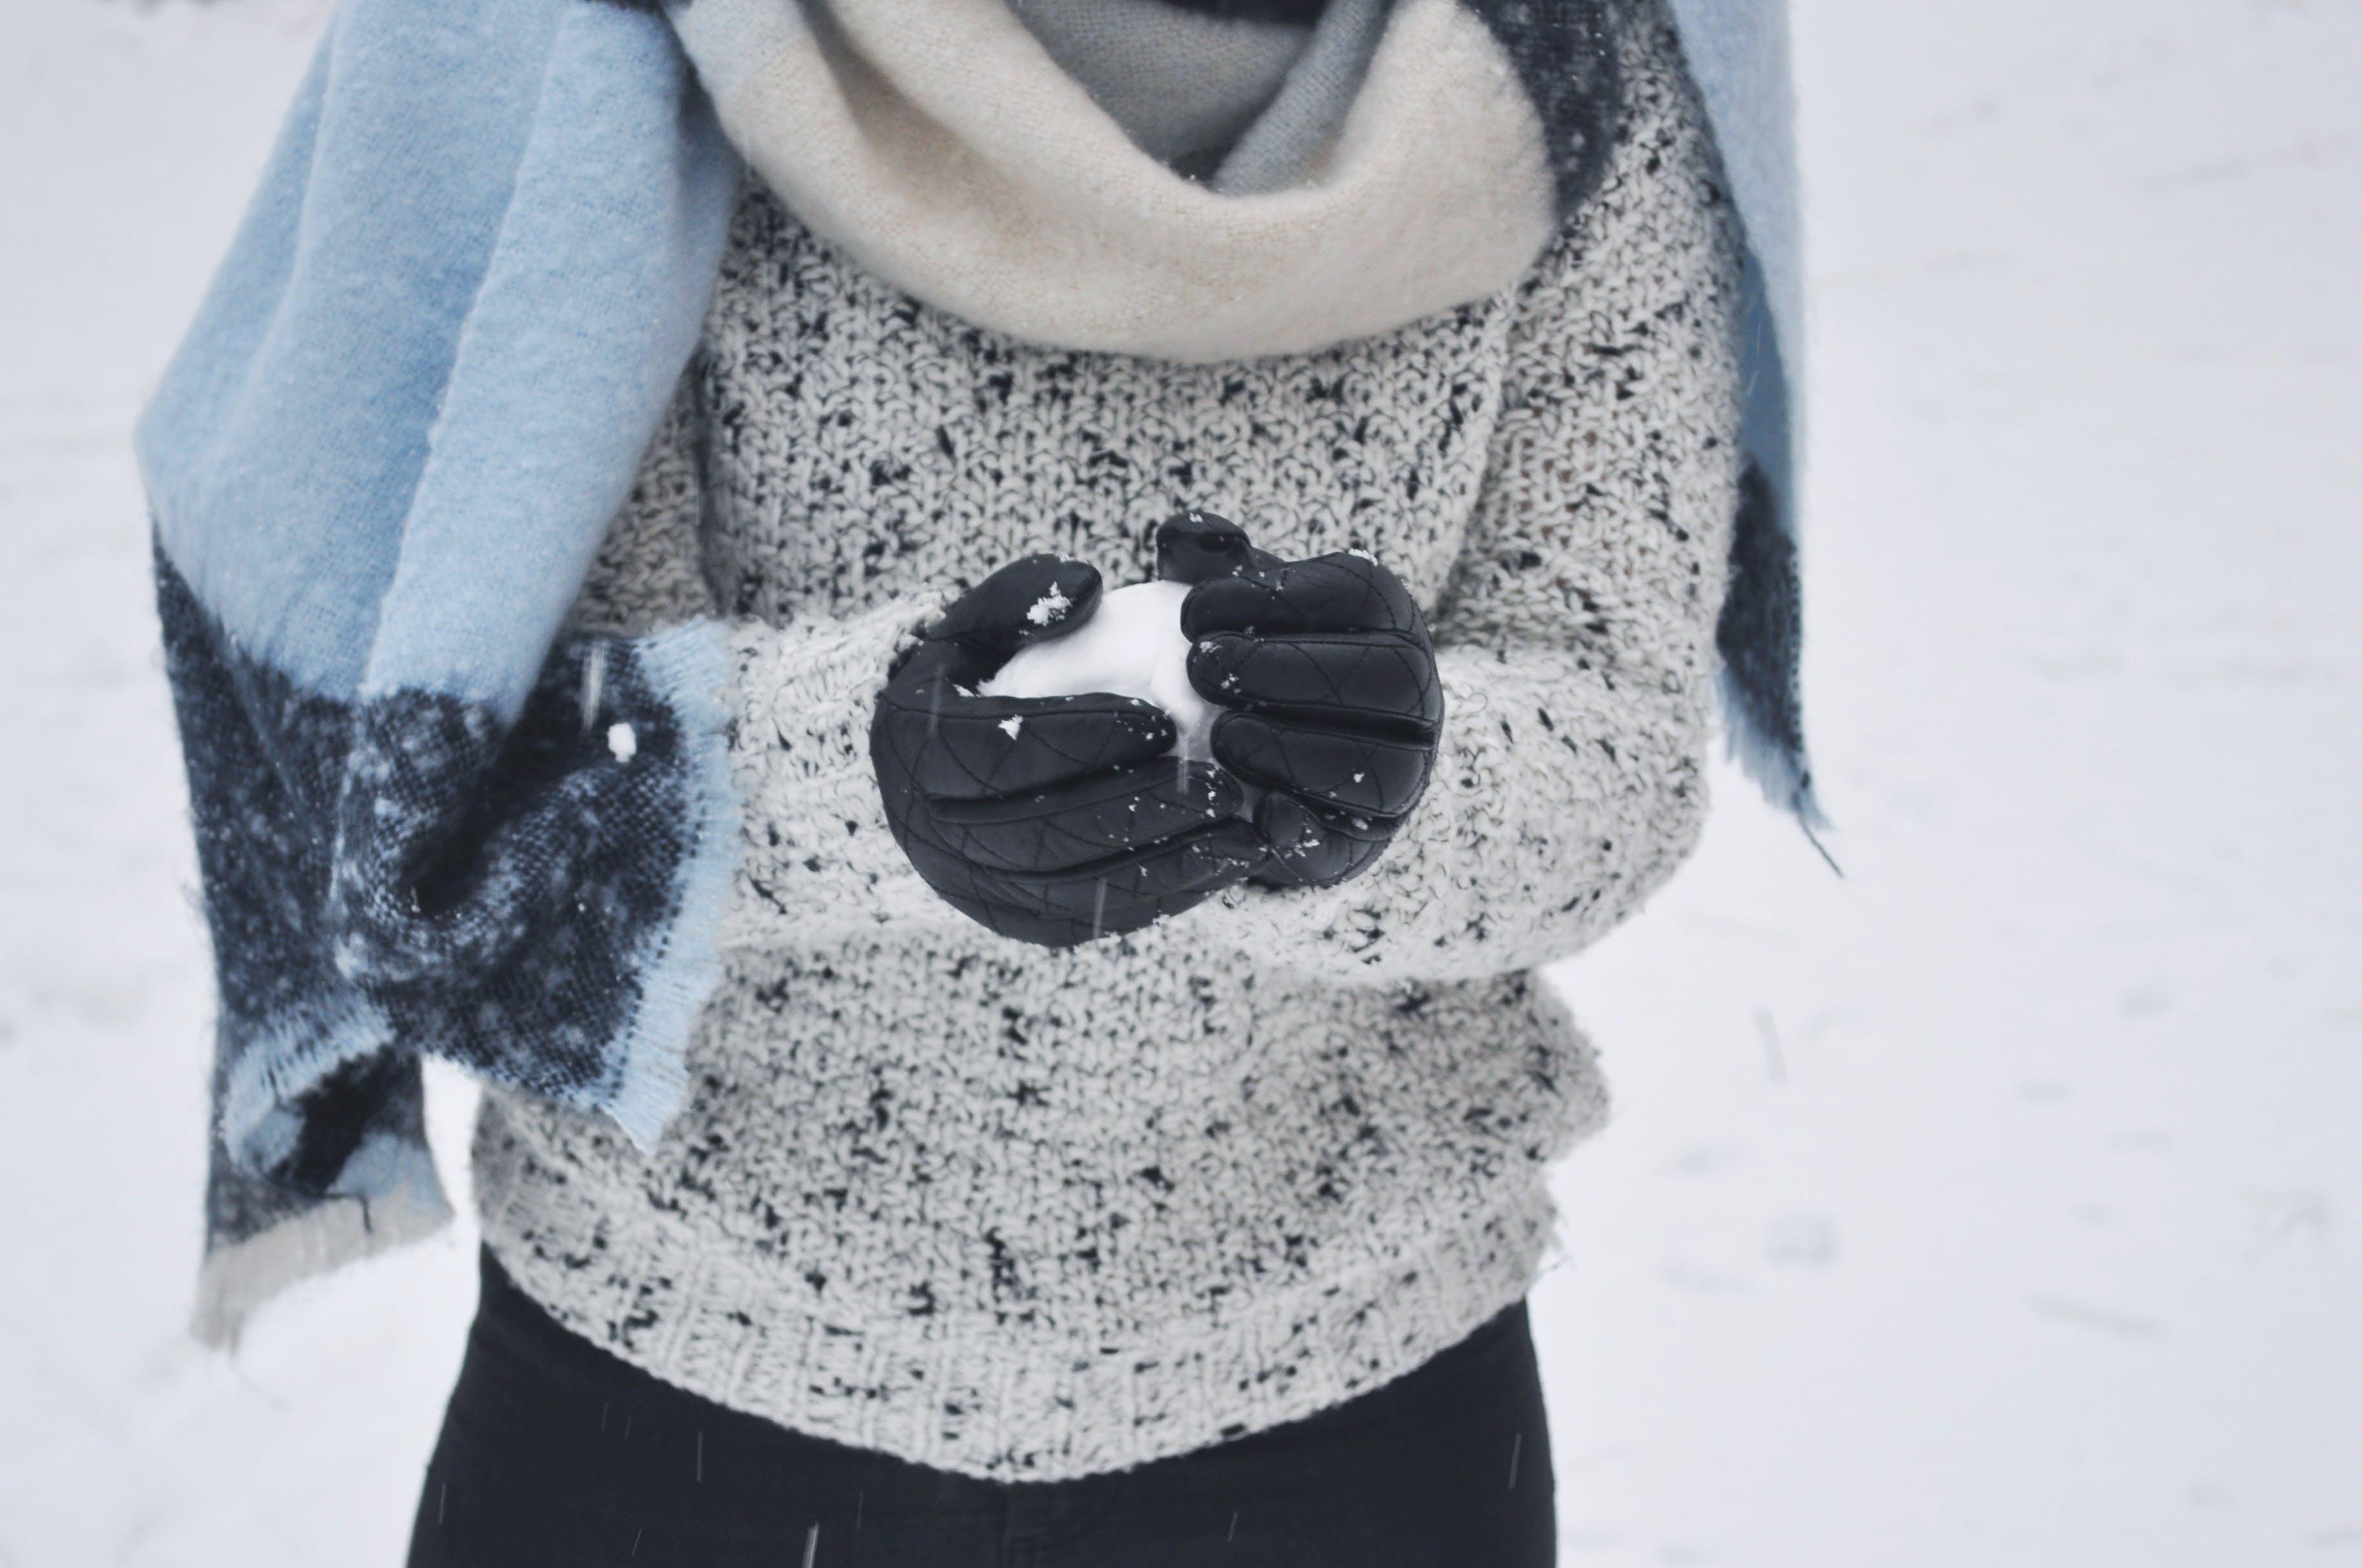 Immagine gratuita di abbigliamento invernale, bianco, freddo, giornata luminosa